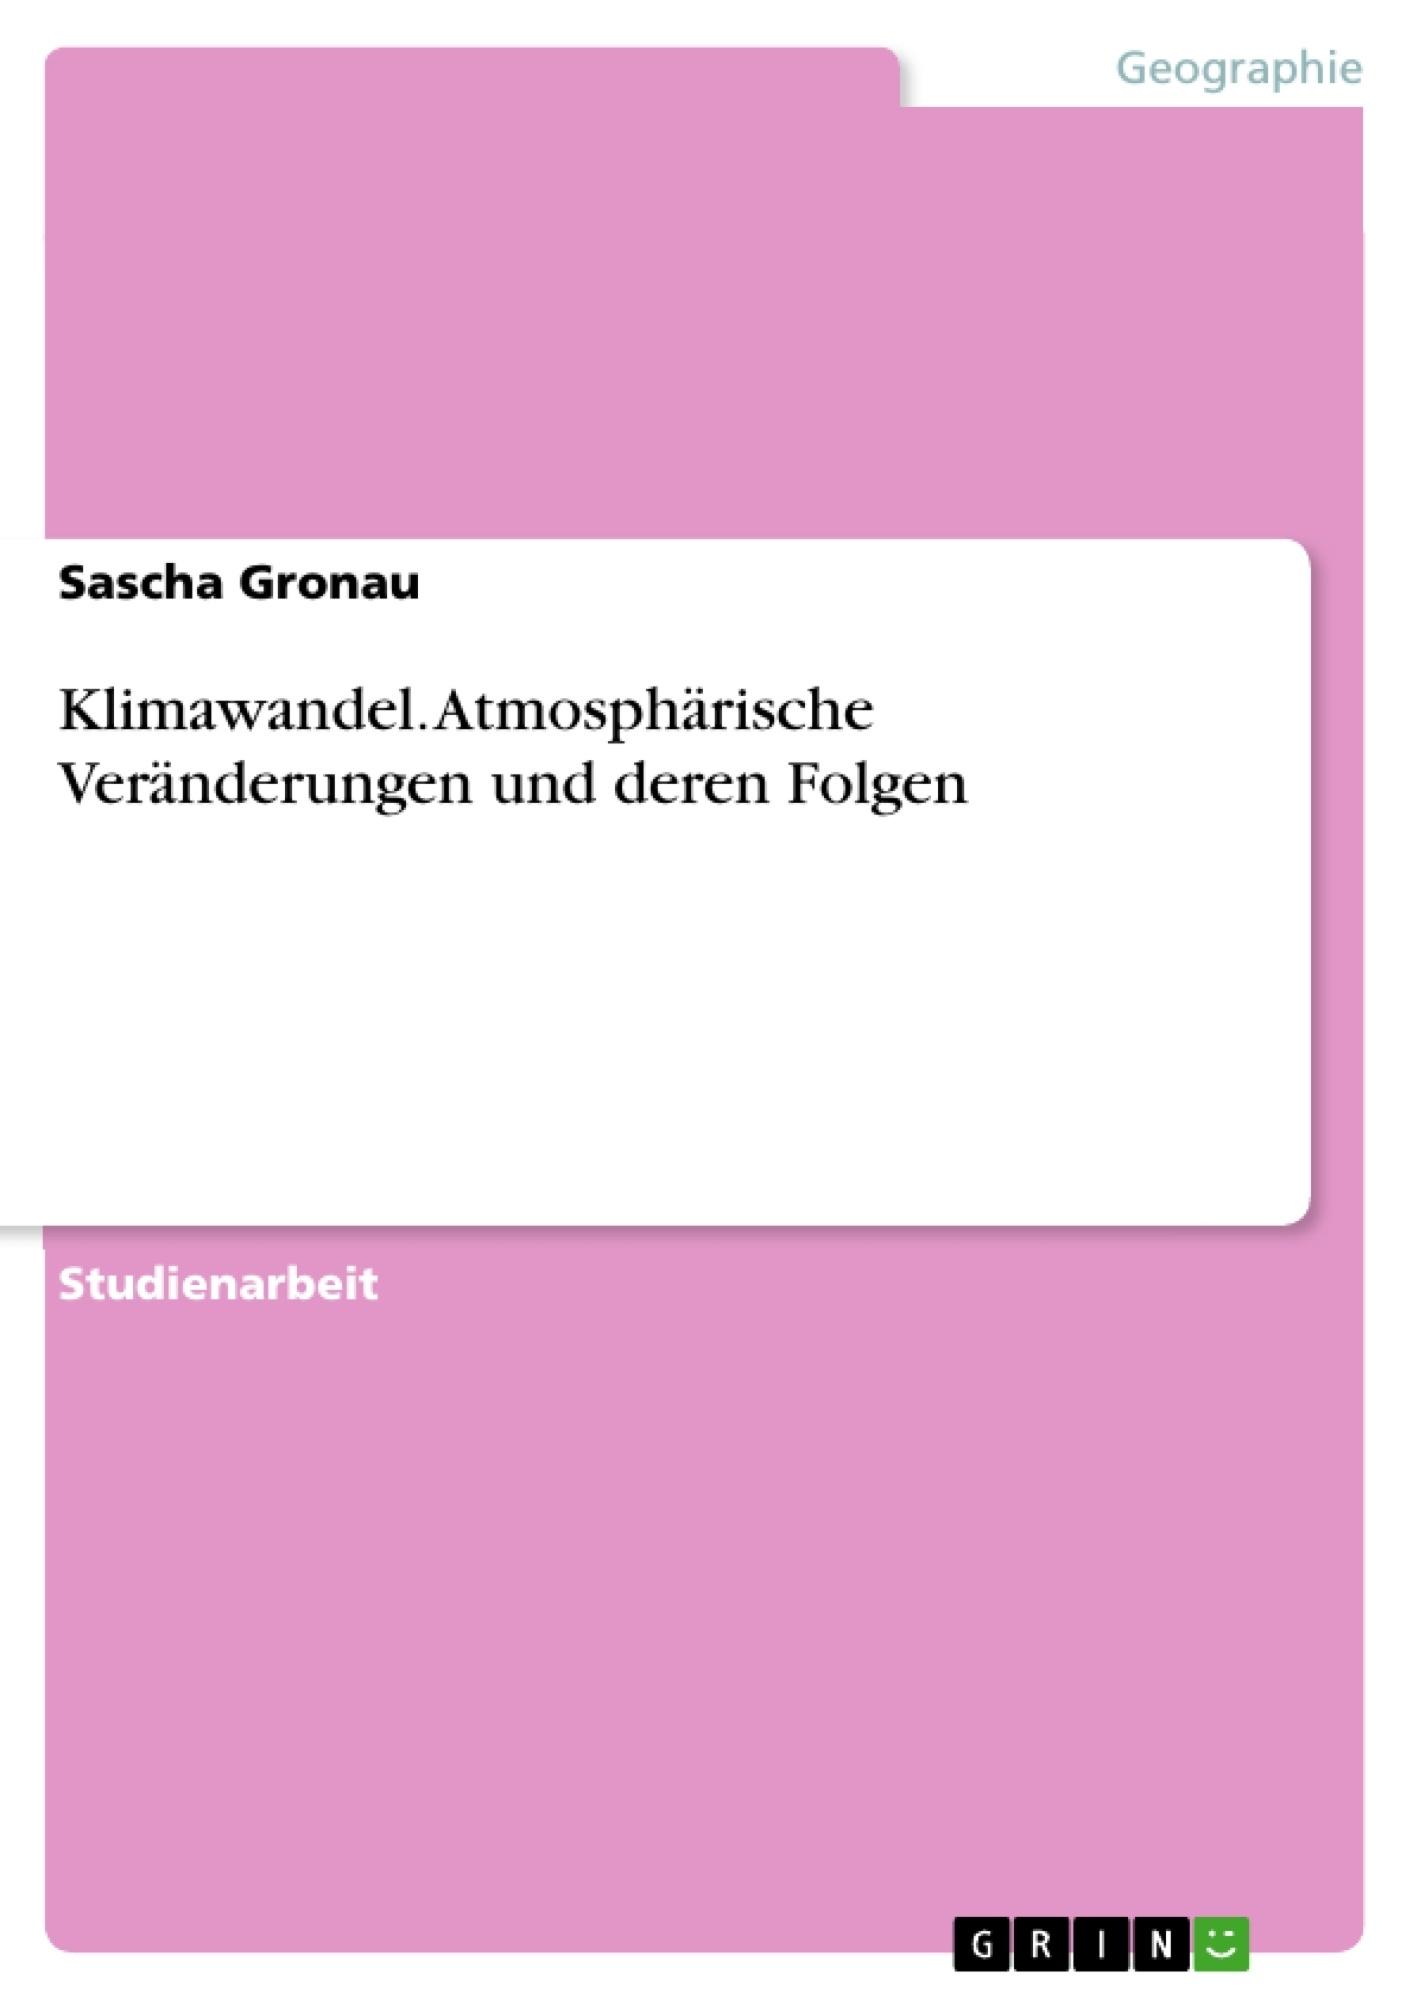 Titel: Klimawandel. Atmosphärische Veränderungen und deren Folgen